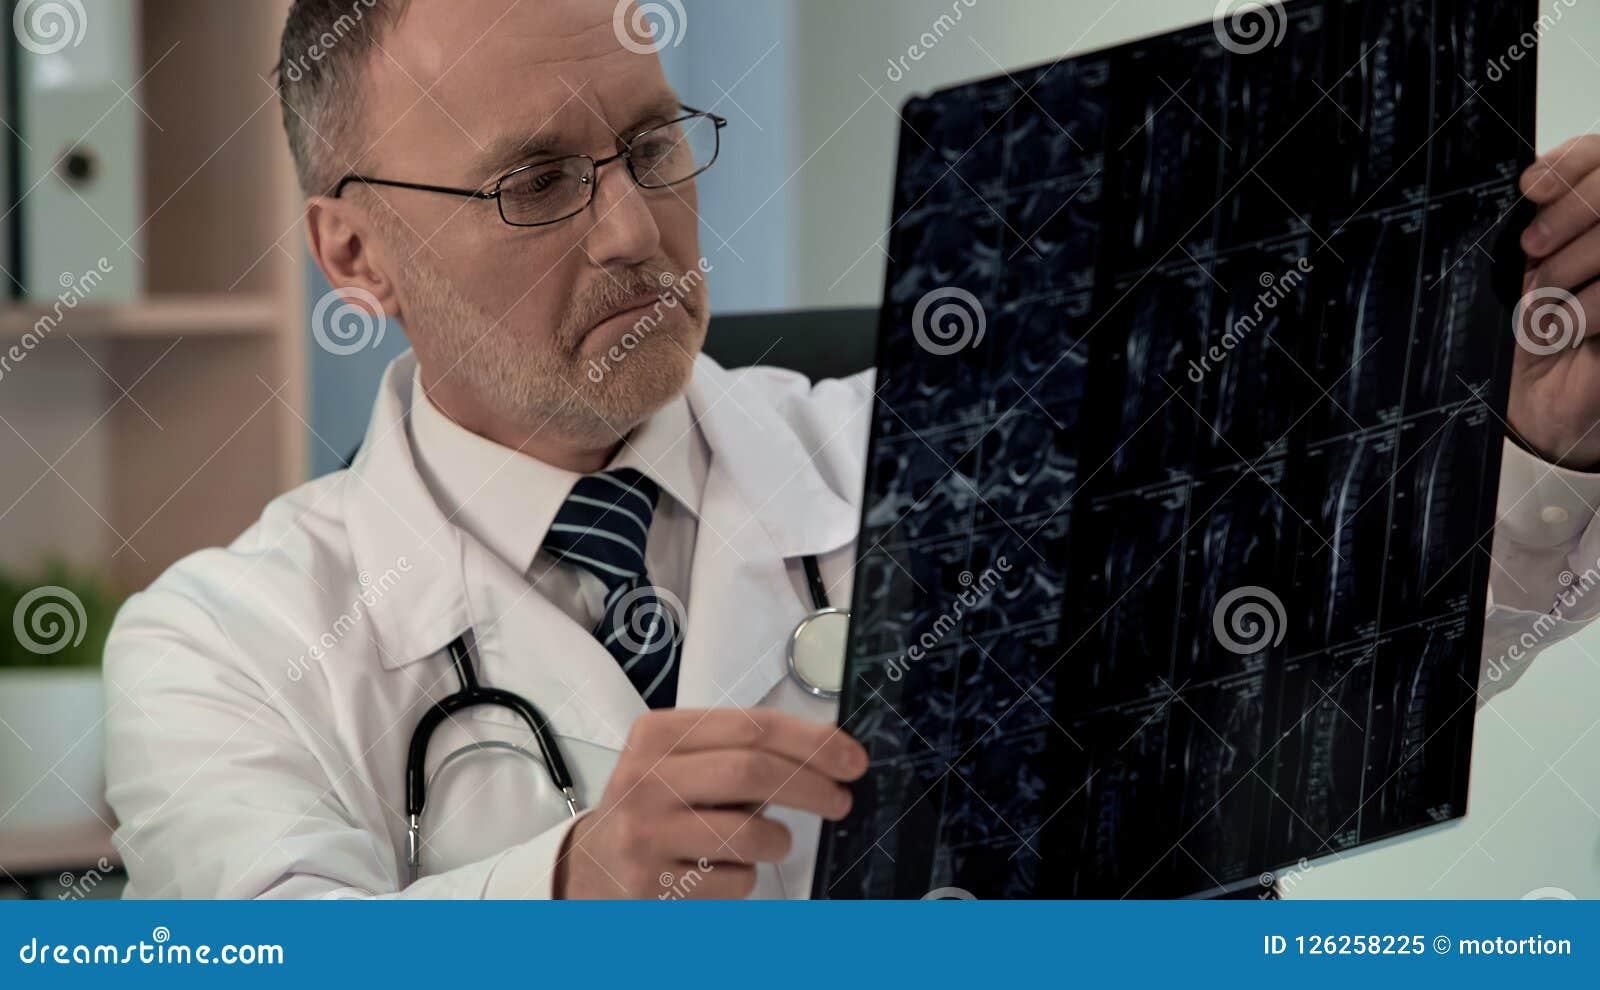 De arts die zieke patiëntenmri bestuderen, vindt schade in cervicale ruggewervel, diagnostiek